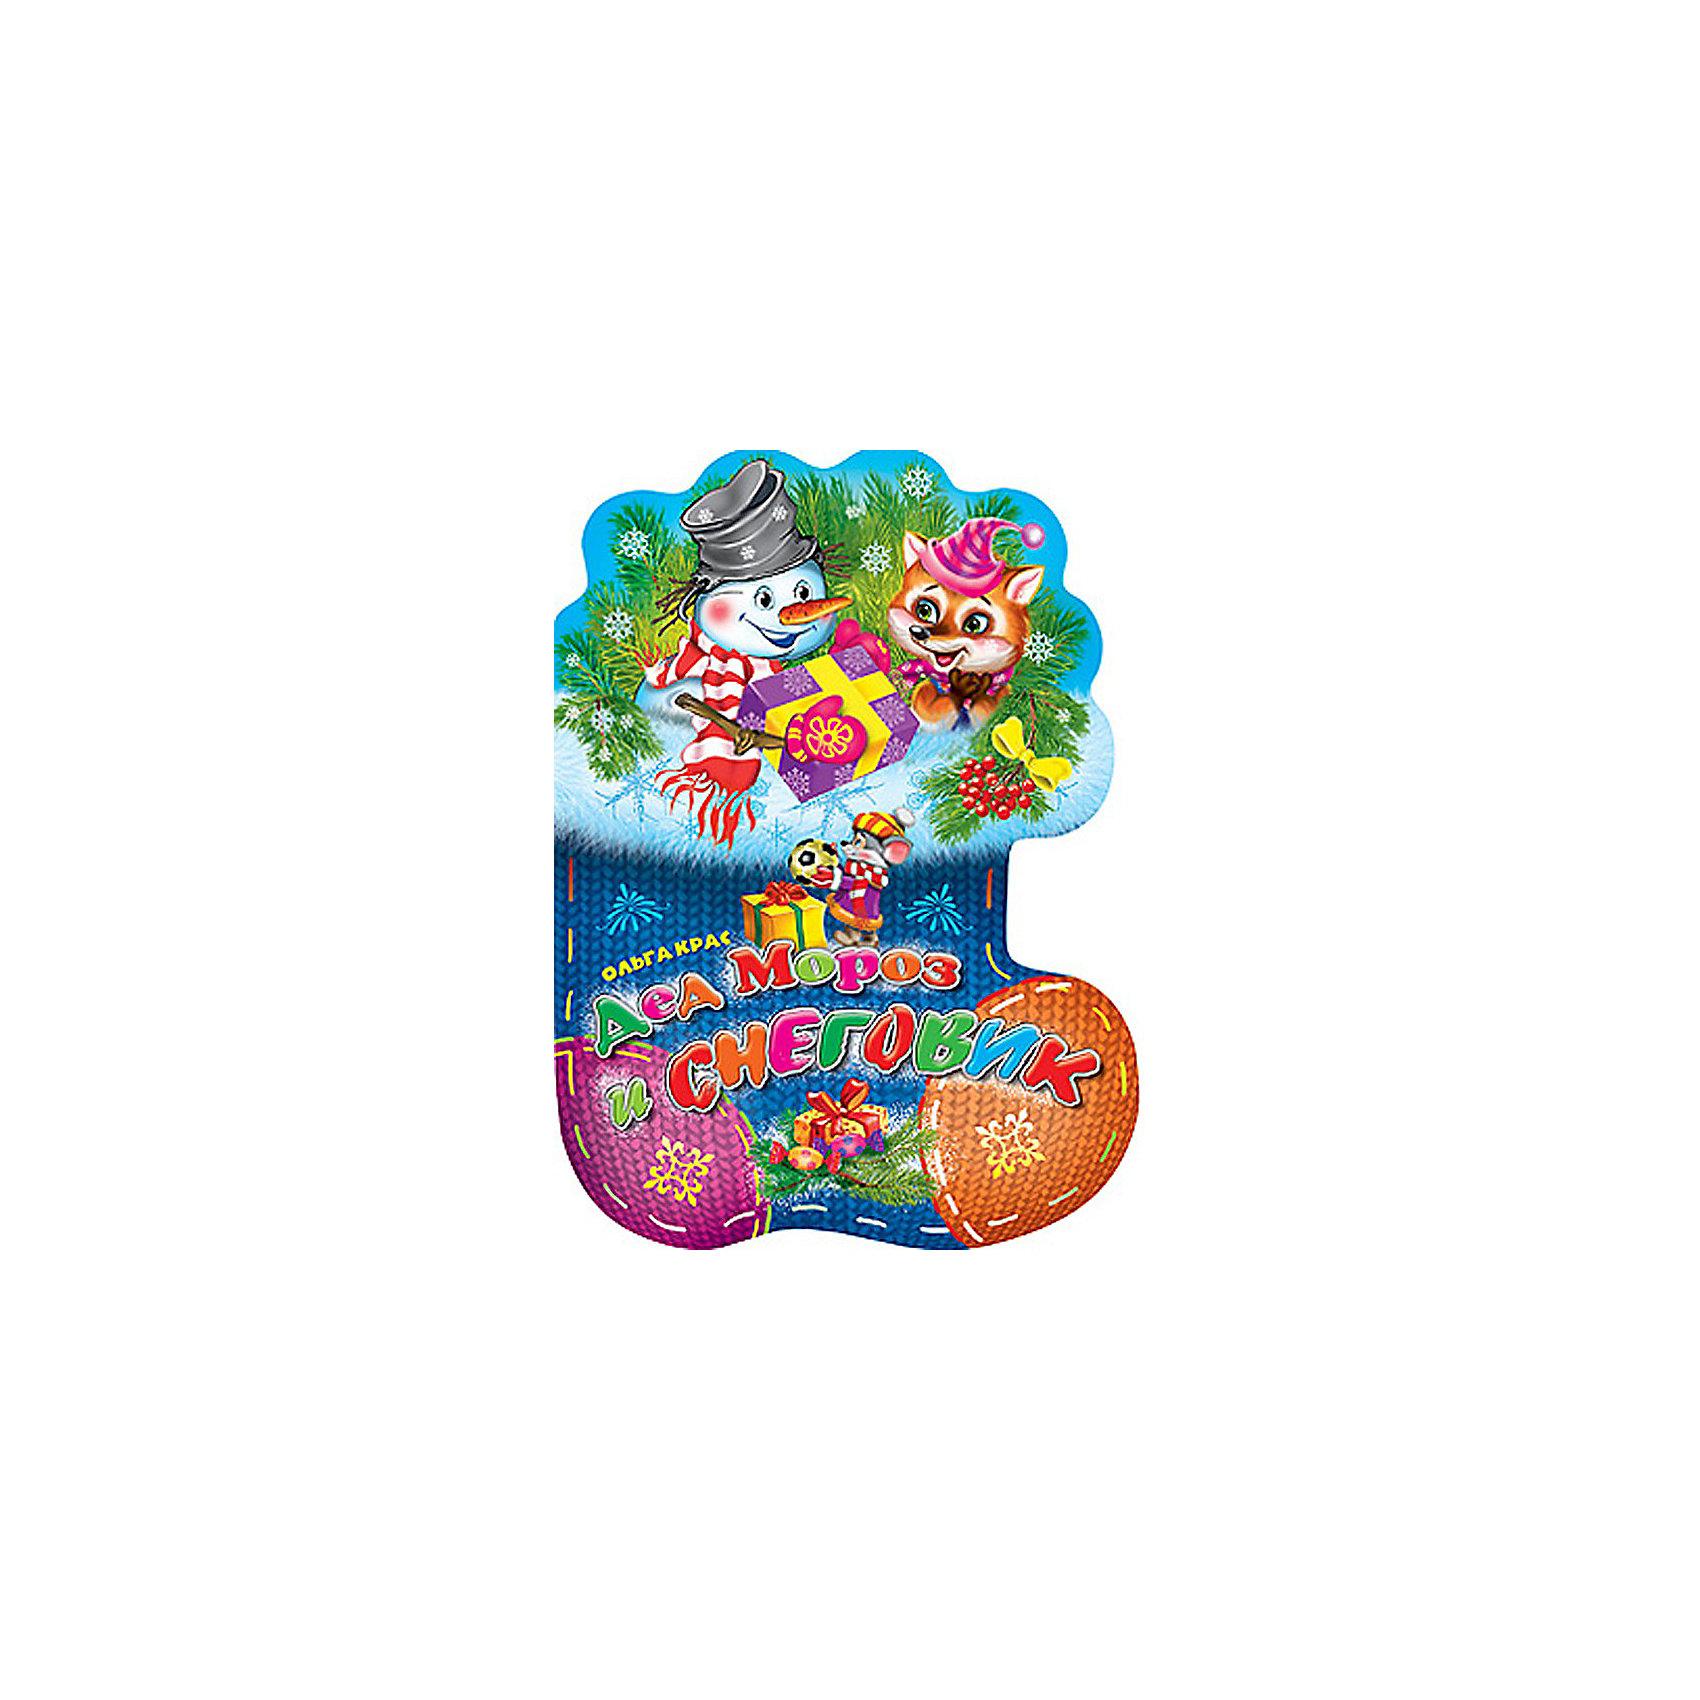 Дед Мороз и СнеговикДетская Новогодняя нижка с фигурной вырубкой. Хорошо подходит как для чтения детям, так и для подарка. <br><br>Автор: Ольга Крас<br>Художник-иллюстратор: Есаулов И. <br>Для чтения родителями детям.<br>Материал: бумага плотный картон, обложка плотный картон. <br>Серия: Носочки<br>Книга содержит 12 стр.<br><br>Ширина мм: 157<br>Глубина мм: 5<br>Высота мм: 210<br>Вес г: 113<br>Возраст от месяцев: 12<br>Возраст до месяцев: 60<br>Пол: Унисекс<br>Возраст: Детский<br>SKU: 2559786